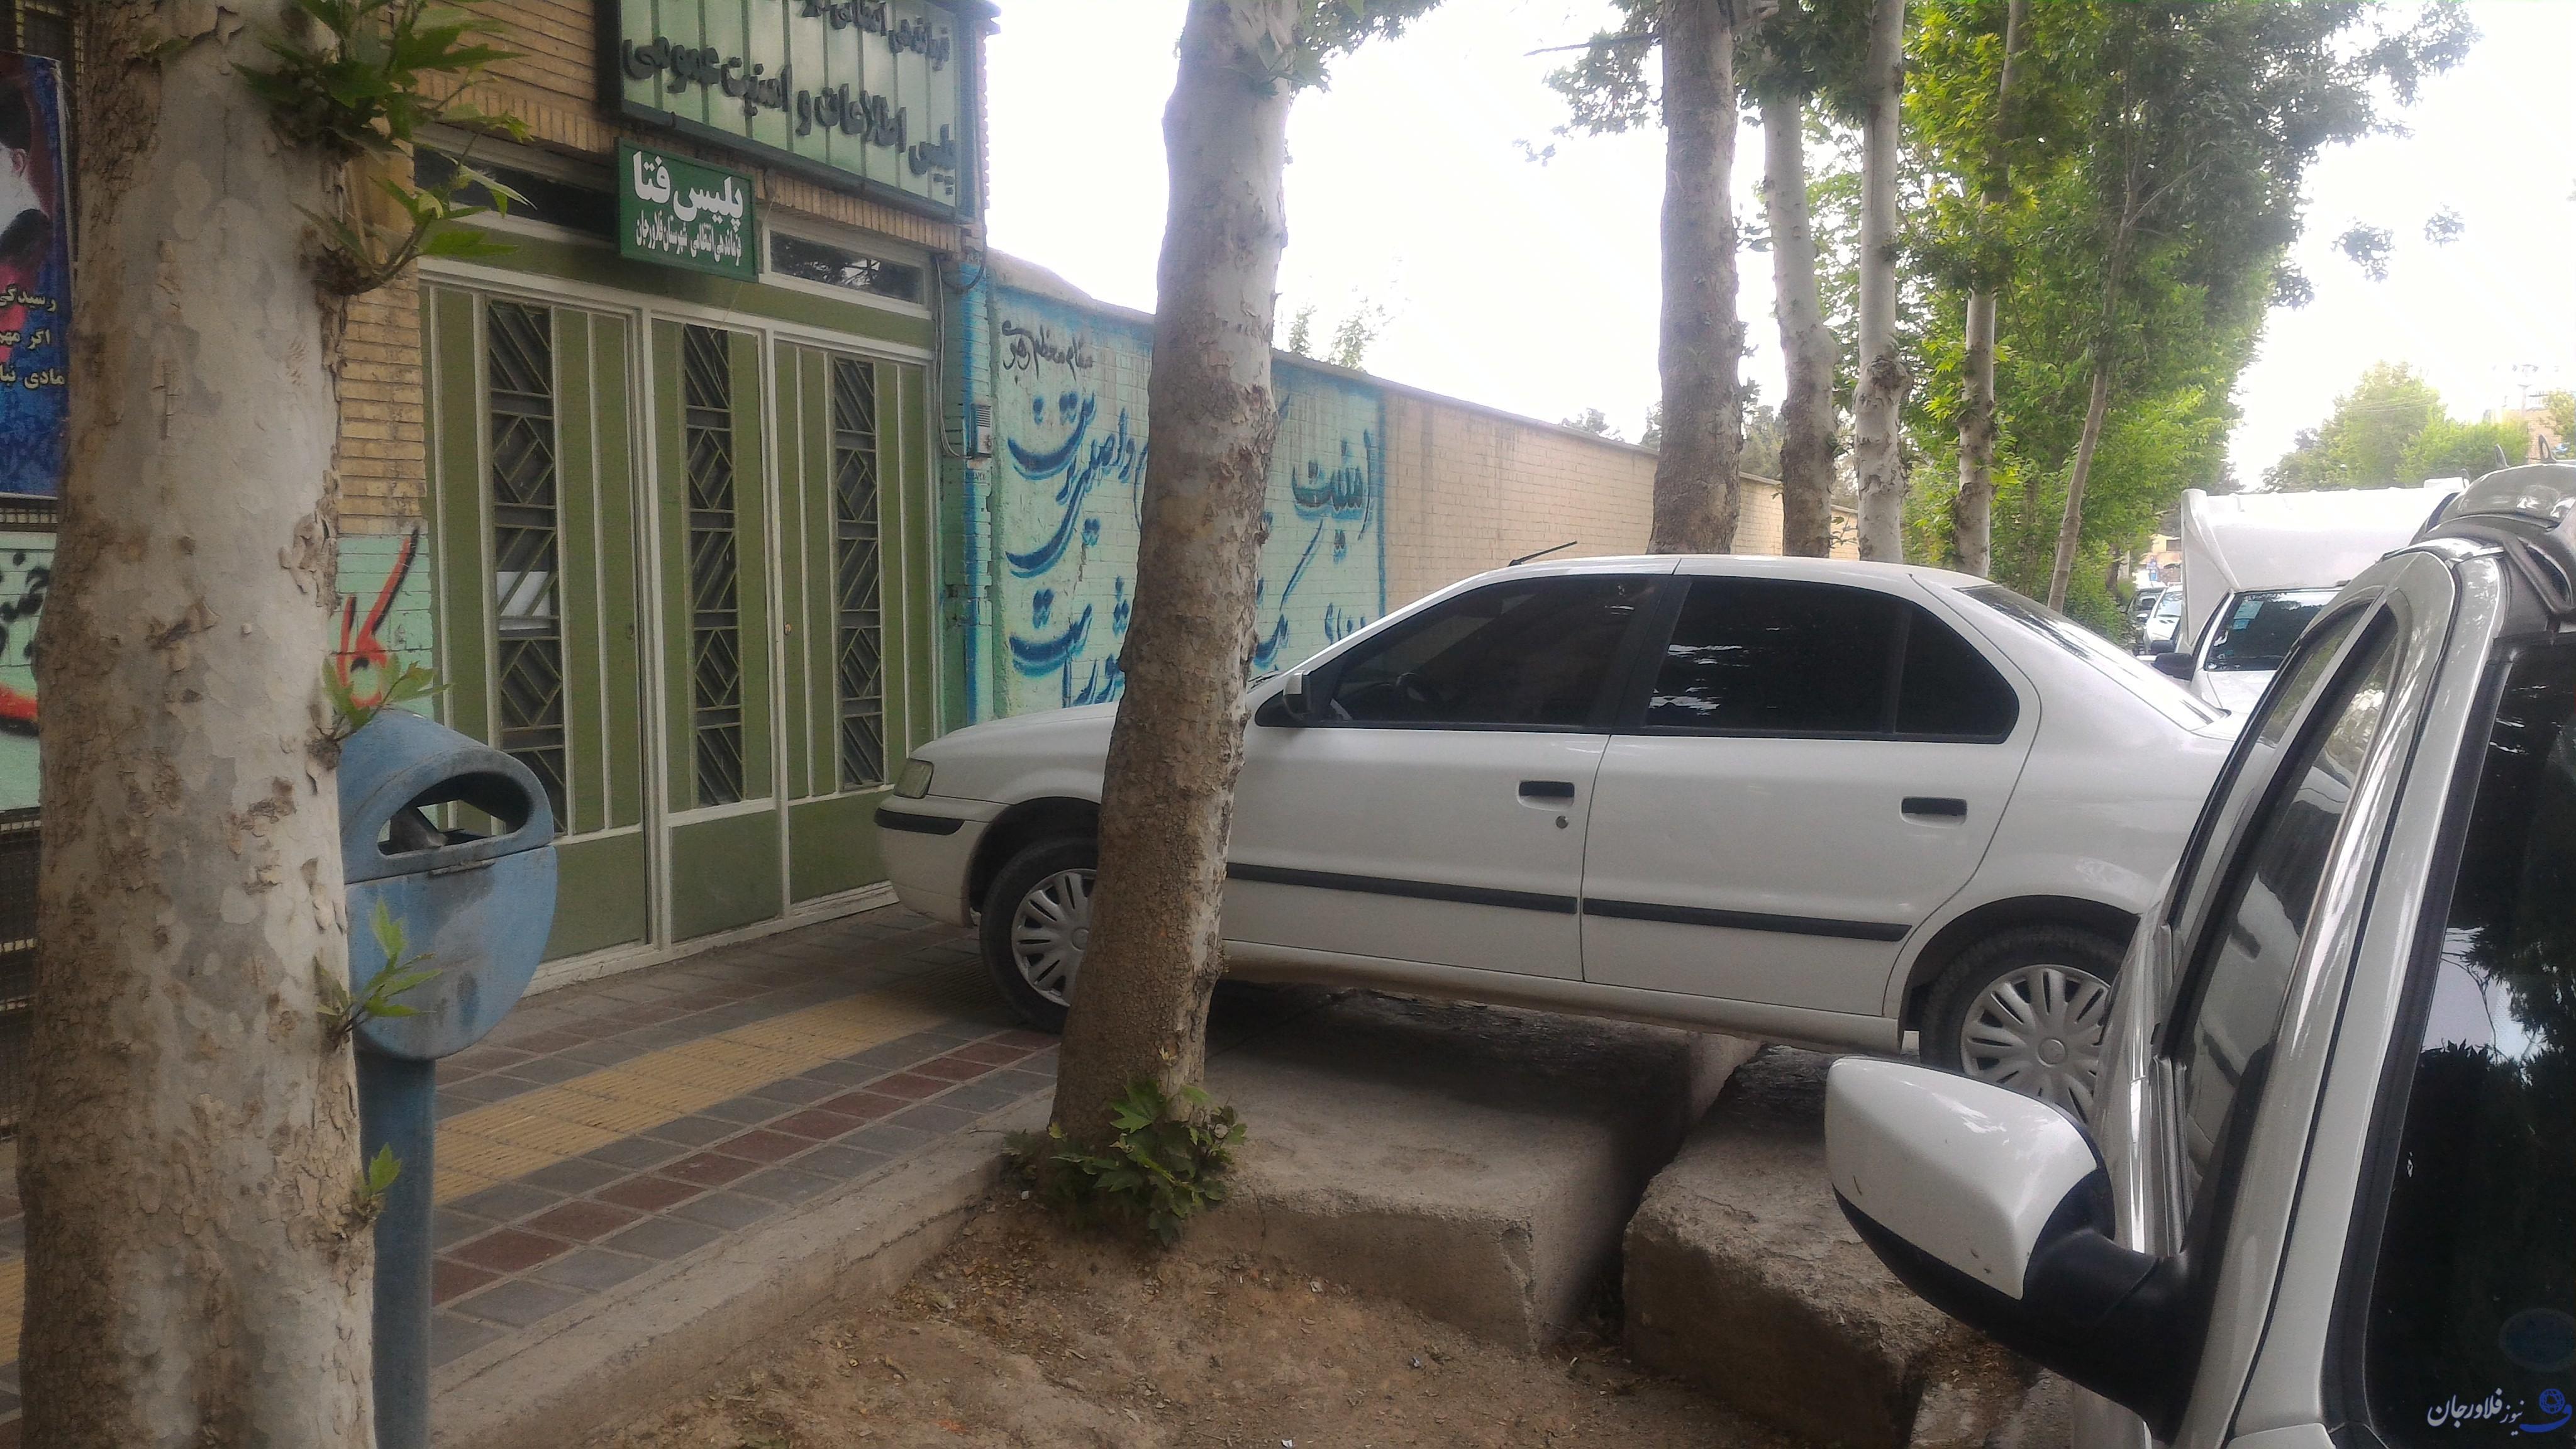 پارک خودرو در پیاده روها نقض حقوق عابران/مجریان قانون لطفا پارک نفرمایید